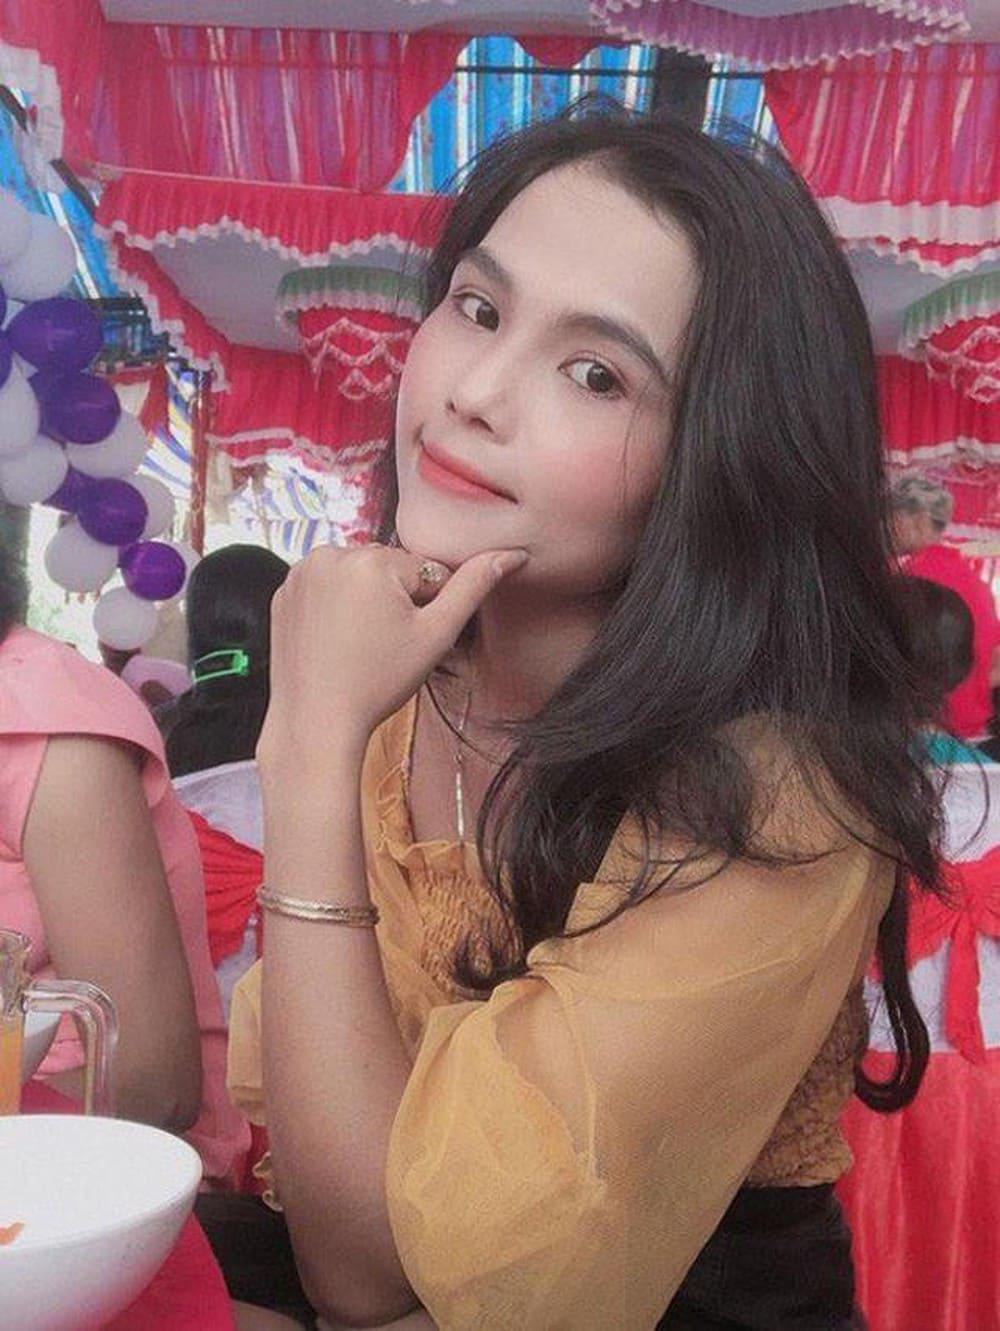 Nhan sắc dàn em gái Hoa-Á hậu Việt: em Hamp;#39;Hen Niê sắc sảo, em Jennifer Phạm quá bốc lửa - 4